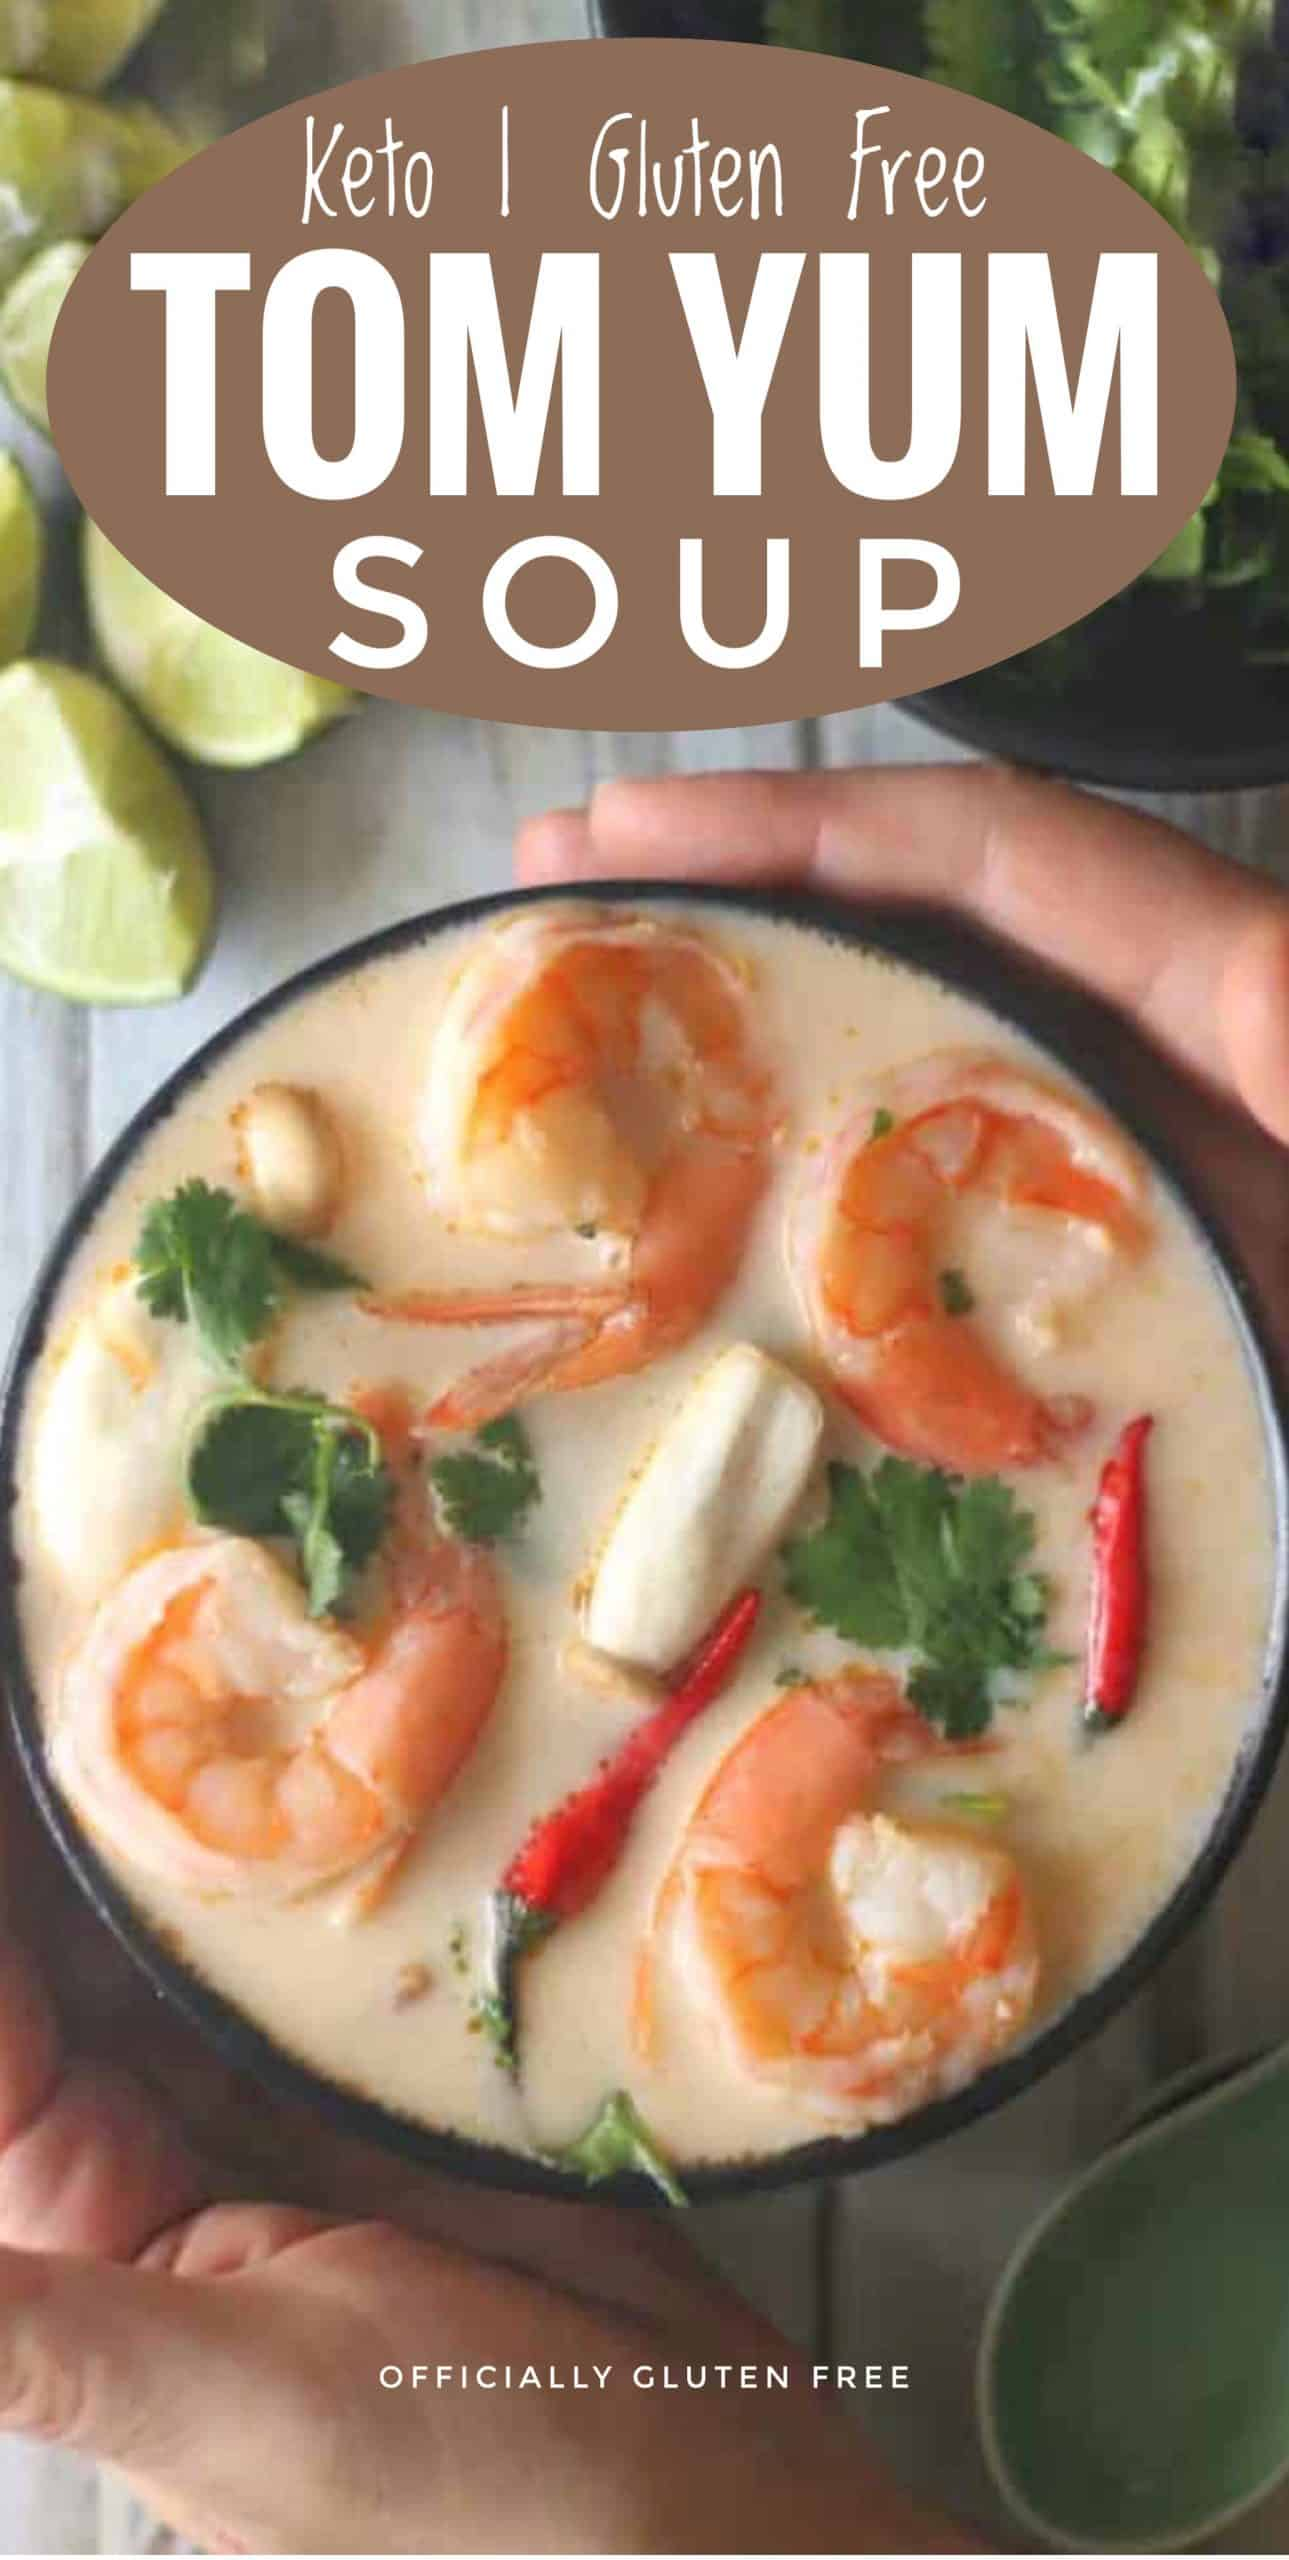 Keto Tom Yum Soup